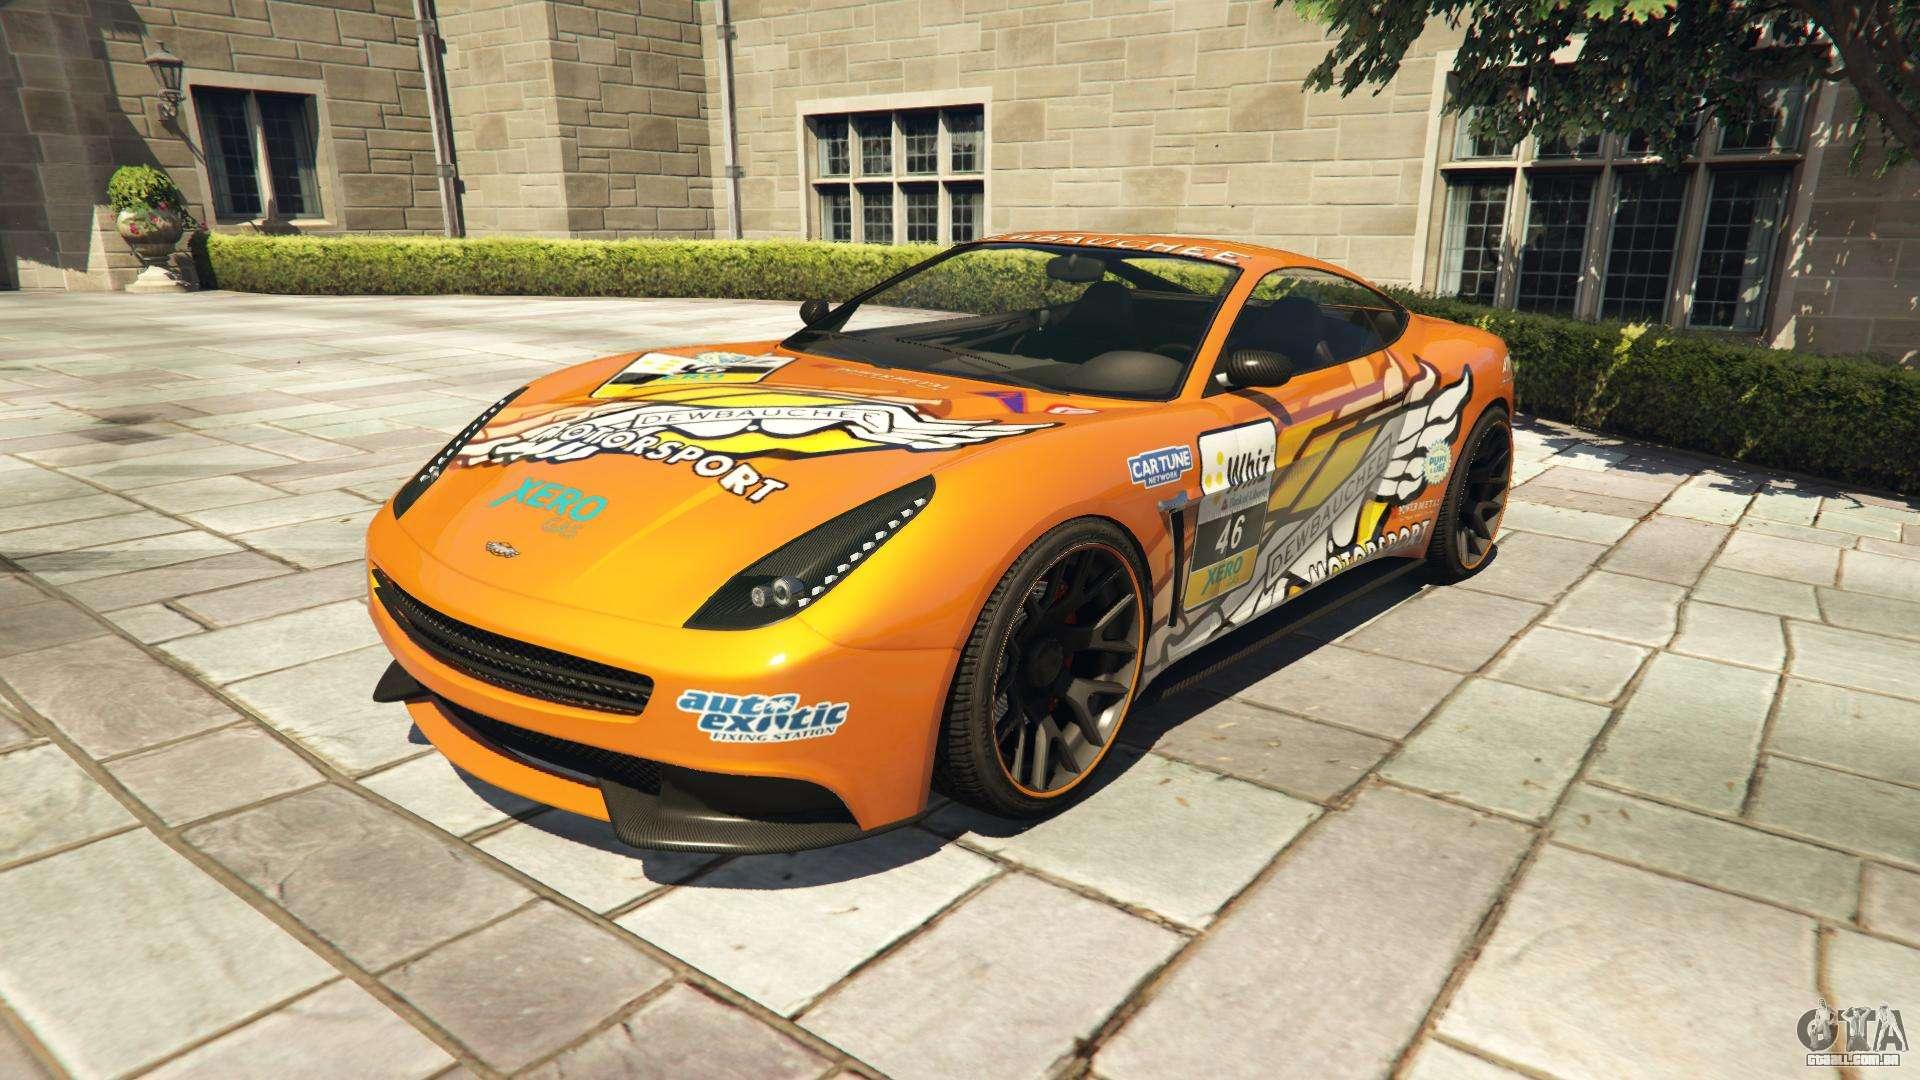 Dewbauchee Massacro Racecar do GTA 5 - vista frontal